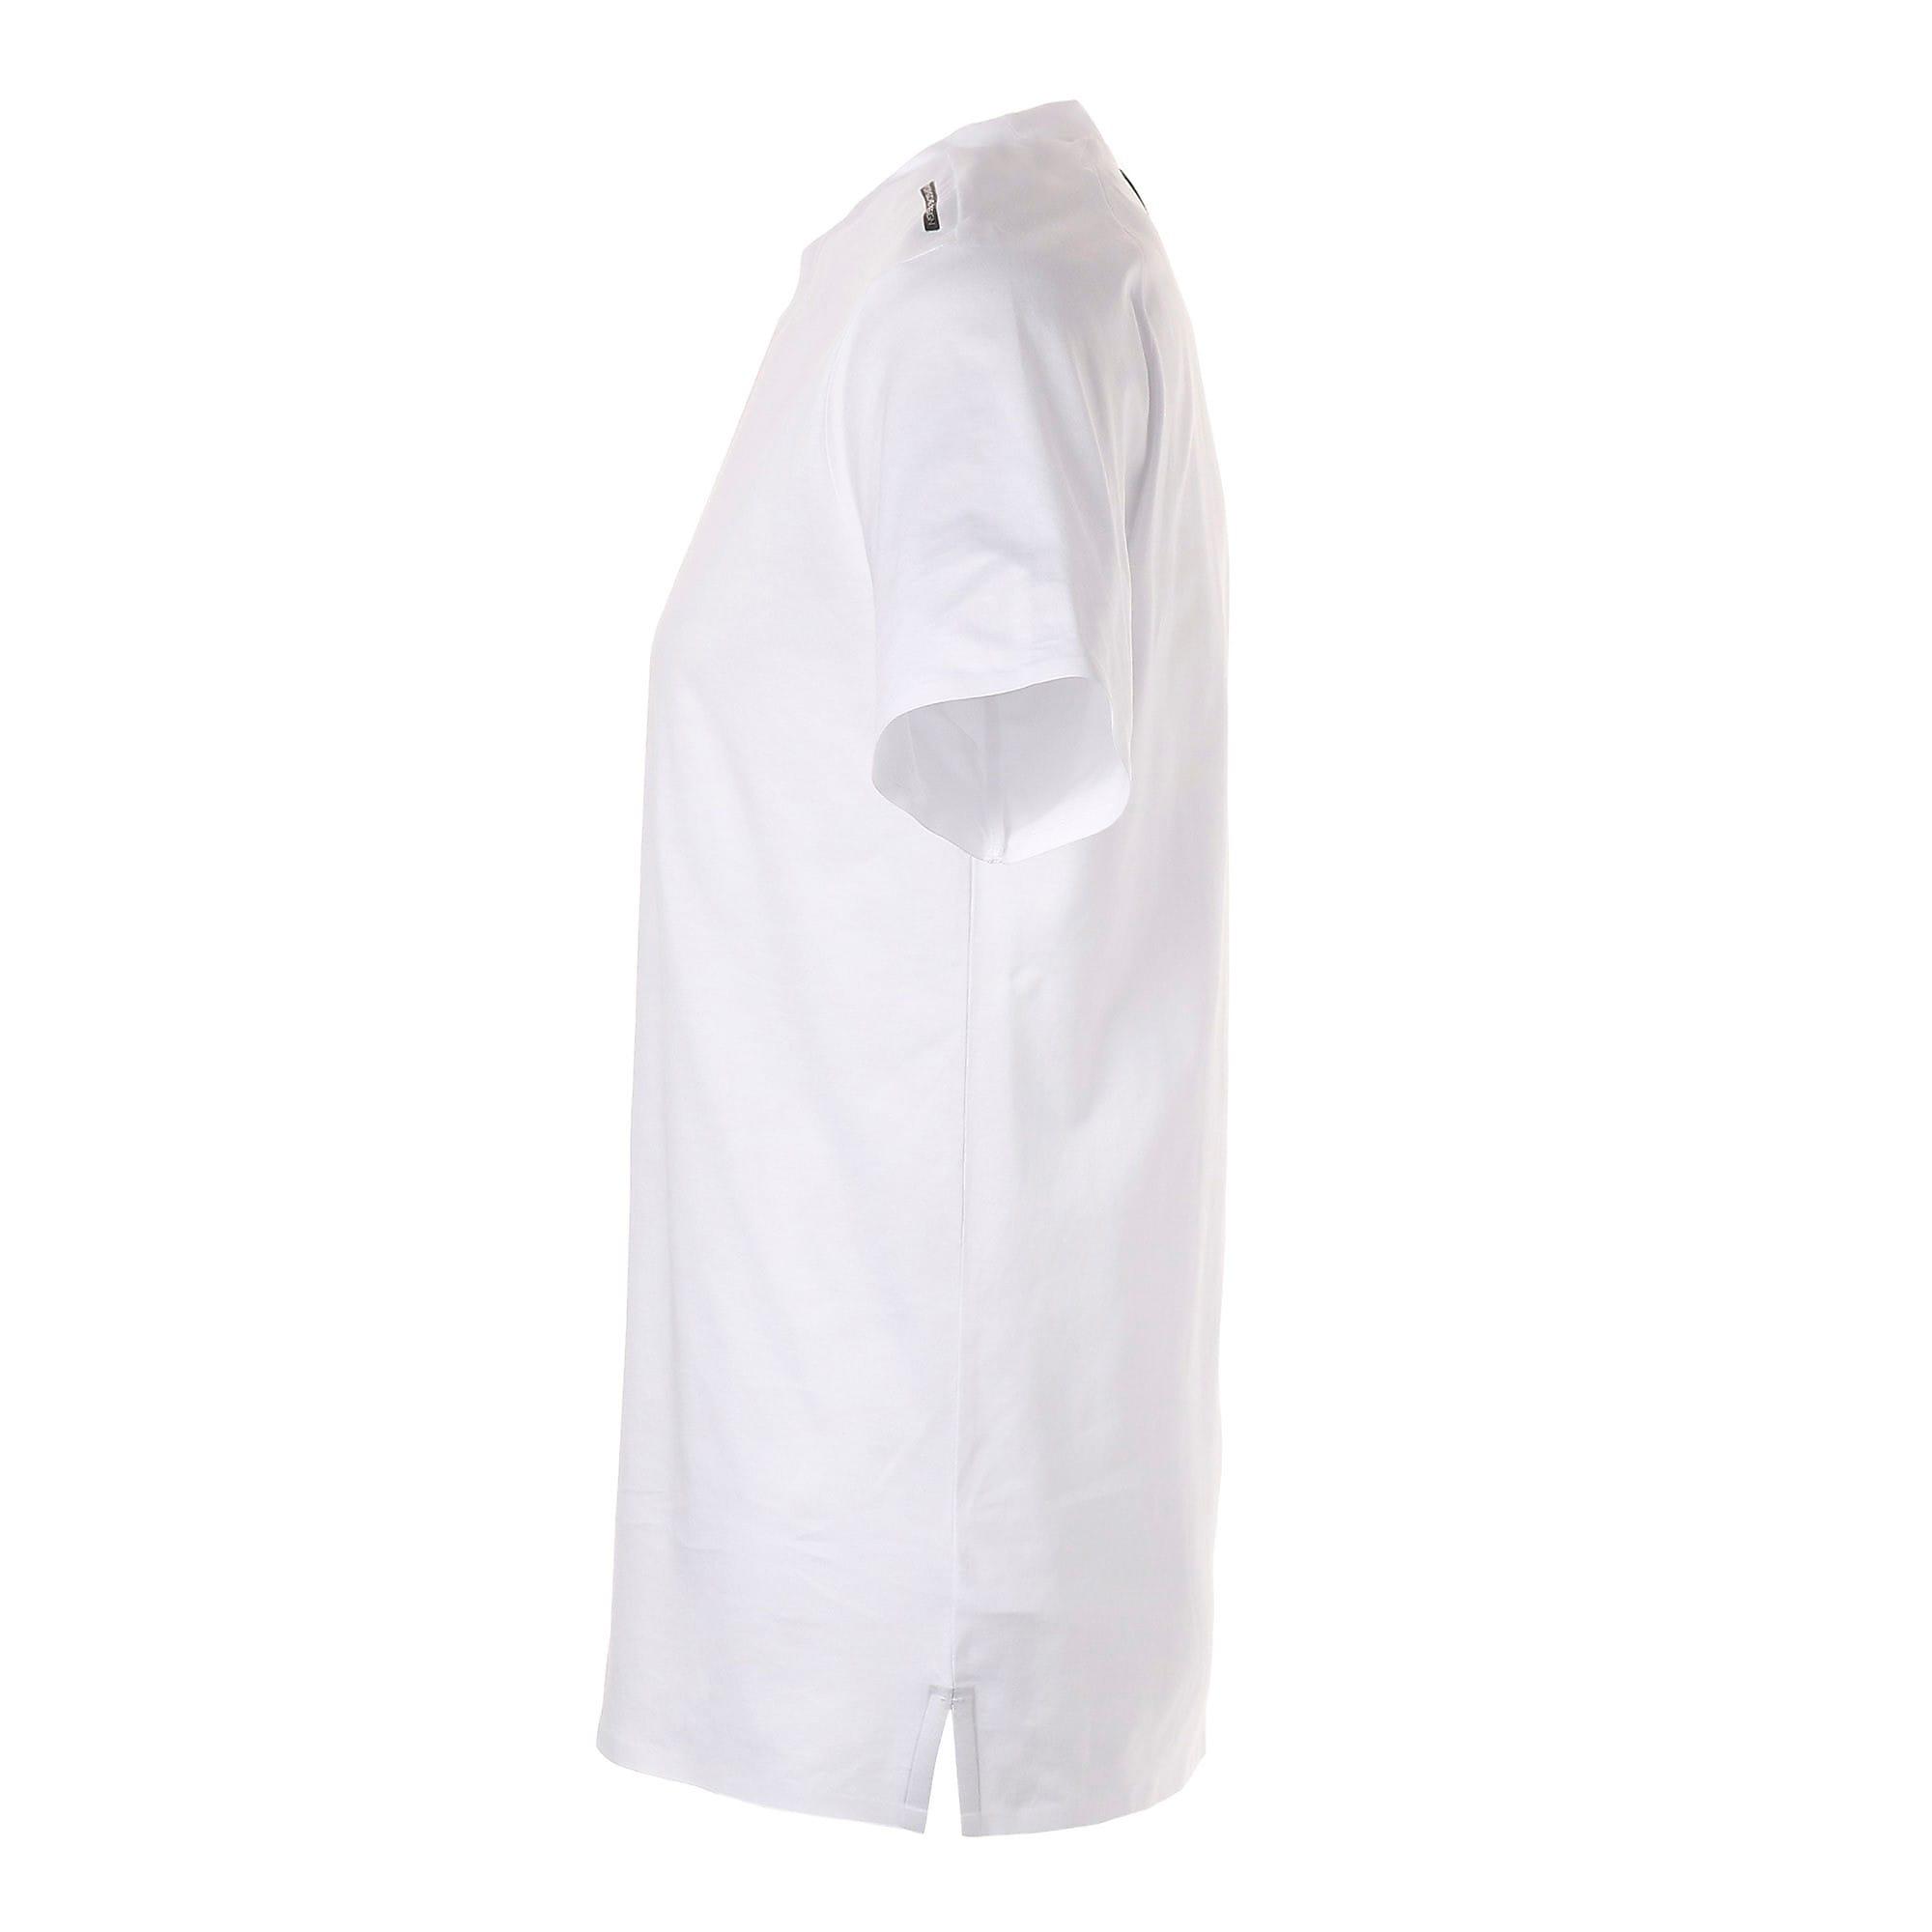 Thumbnail 2 of PORSCHE DESIGN  ライフ Tシャツ, Puma White, medium-JPN